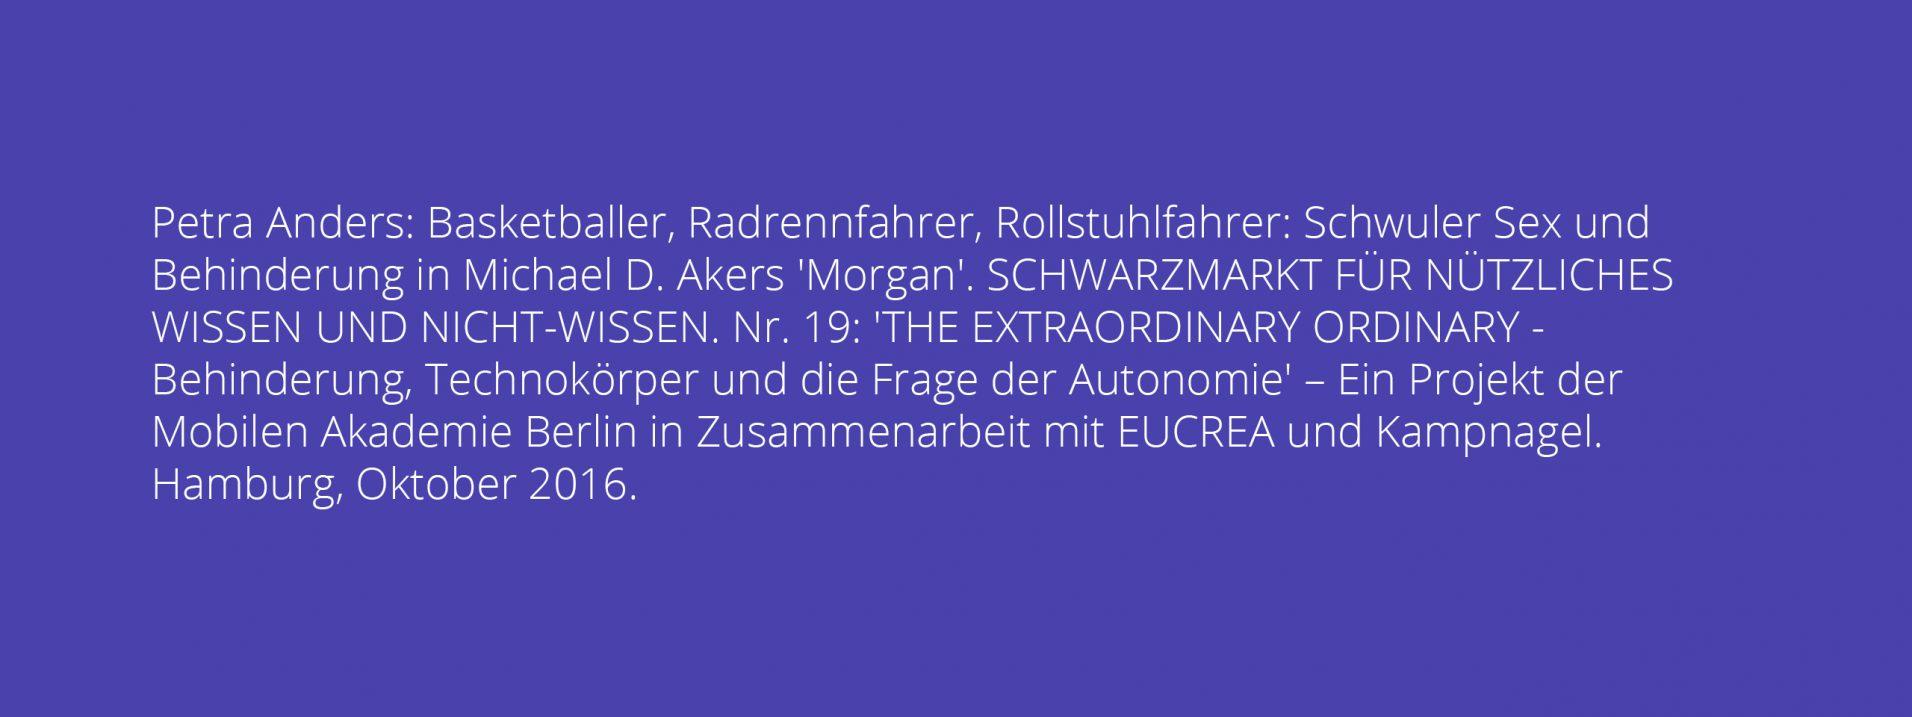 Petra Anders: Basketballer, Radrennfahrer, Rollstuhlfahrer: Schwuler Sex und Behinderung in Michael D. Akers 'Morgan'.